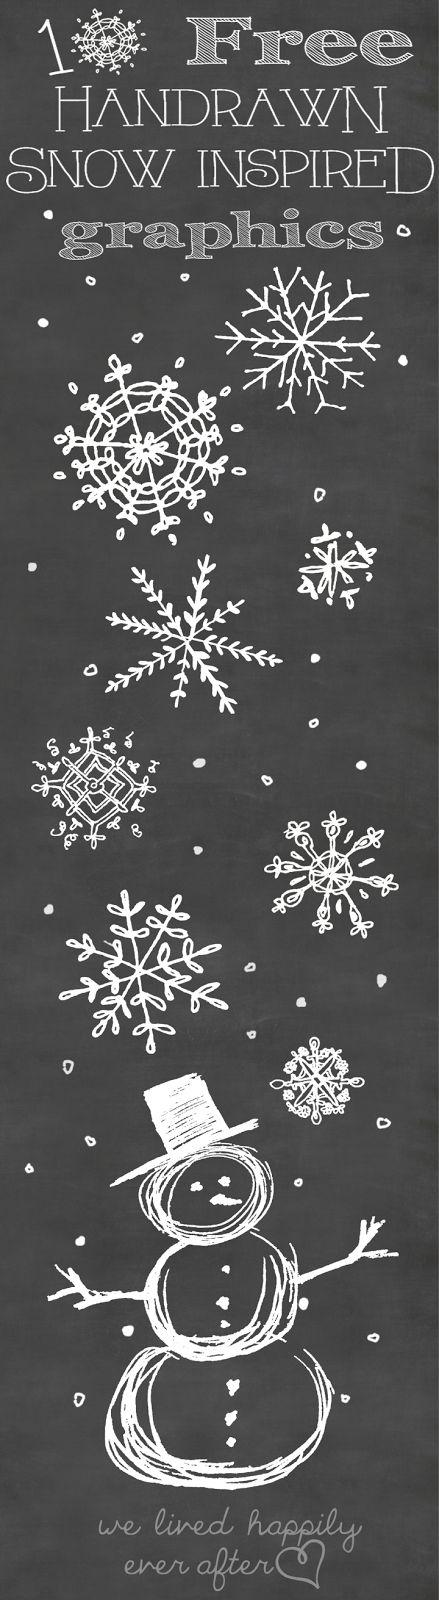 #Snowflake #Graphic http://www.kidsdinge.com     https://www.facebook.com/pages/kidsdingecom-Origineel-speelgoed-hebbedingen-voor-hippe-kids/160122710686387?sk=wall   http://instagram.com/kidsdinge